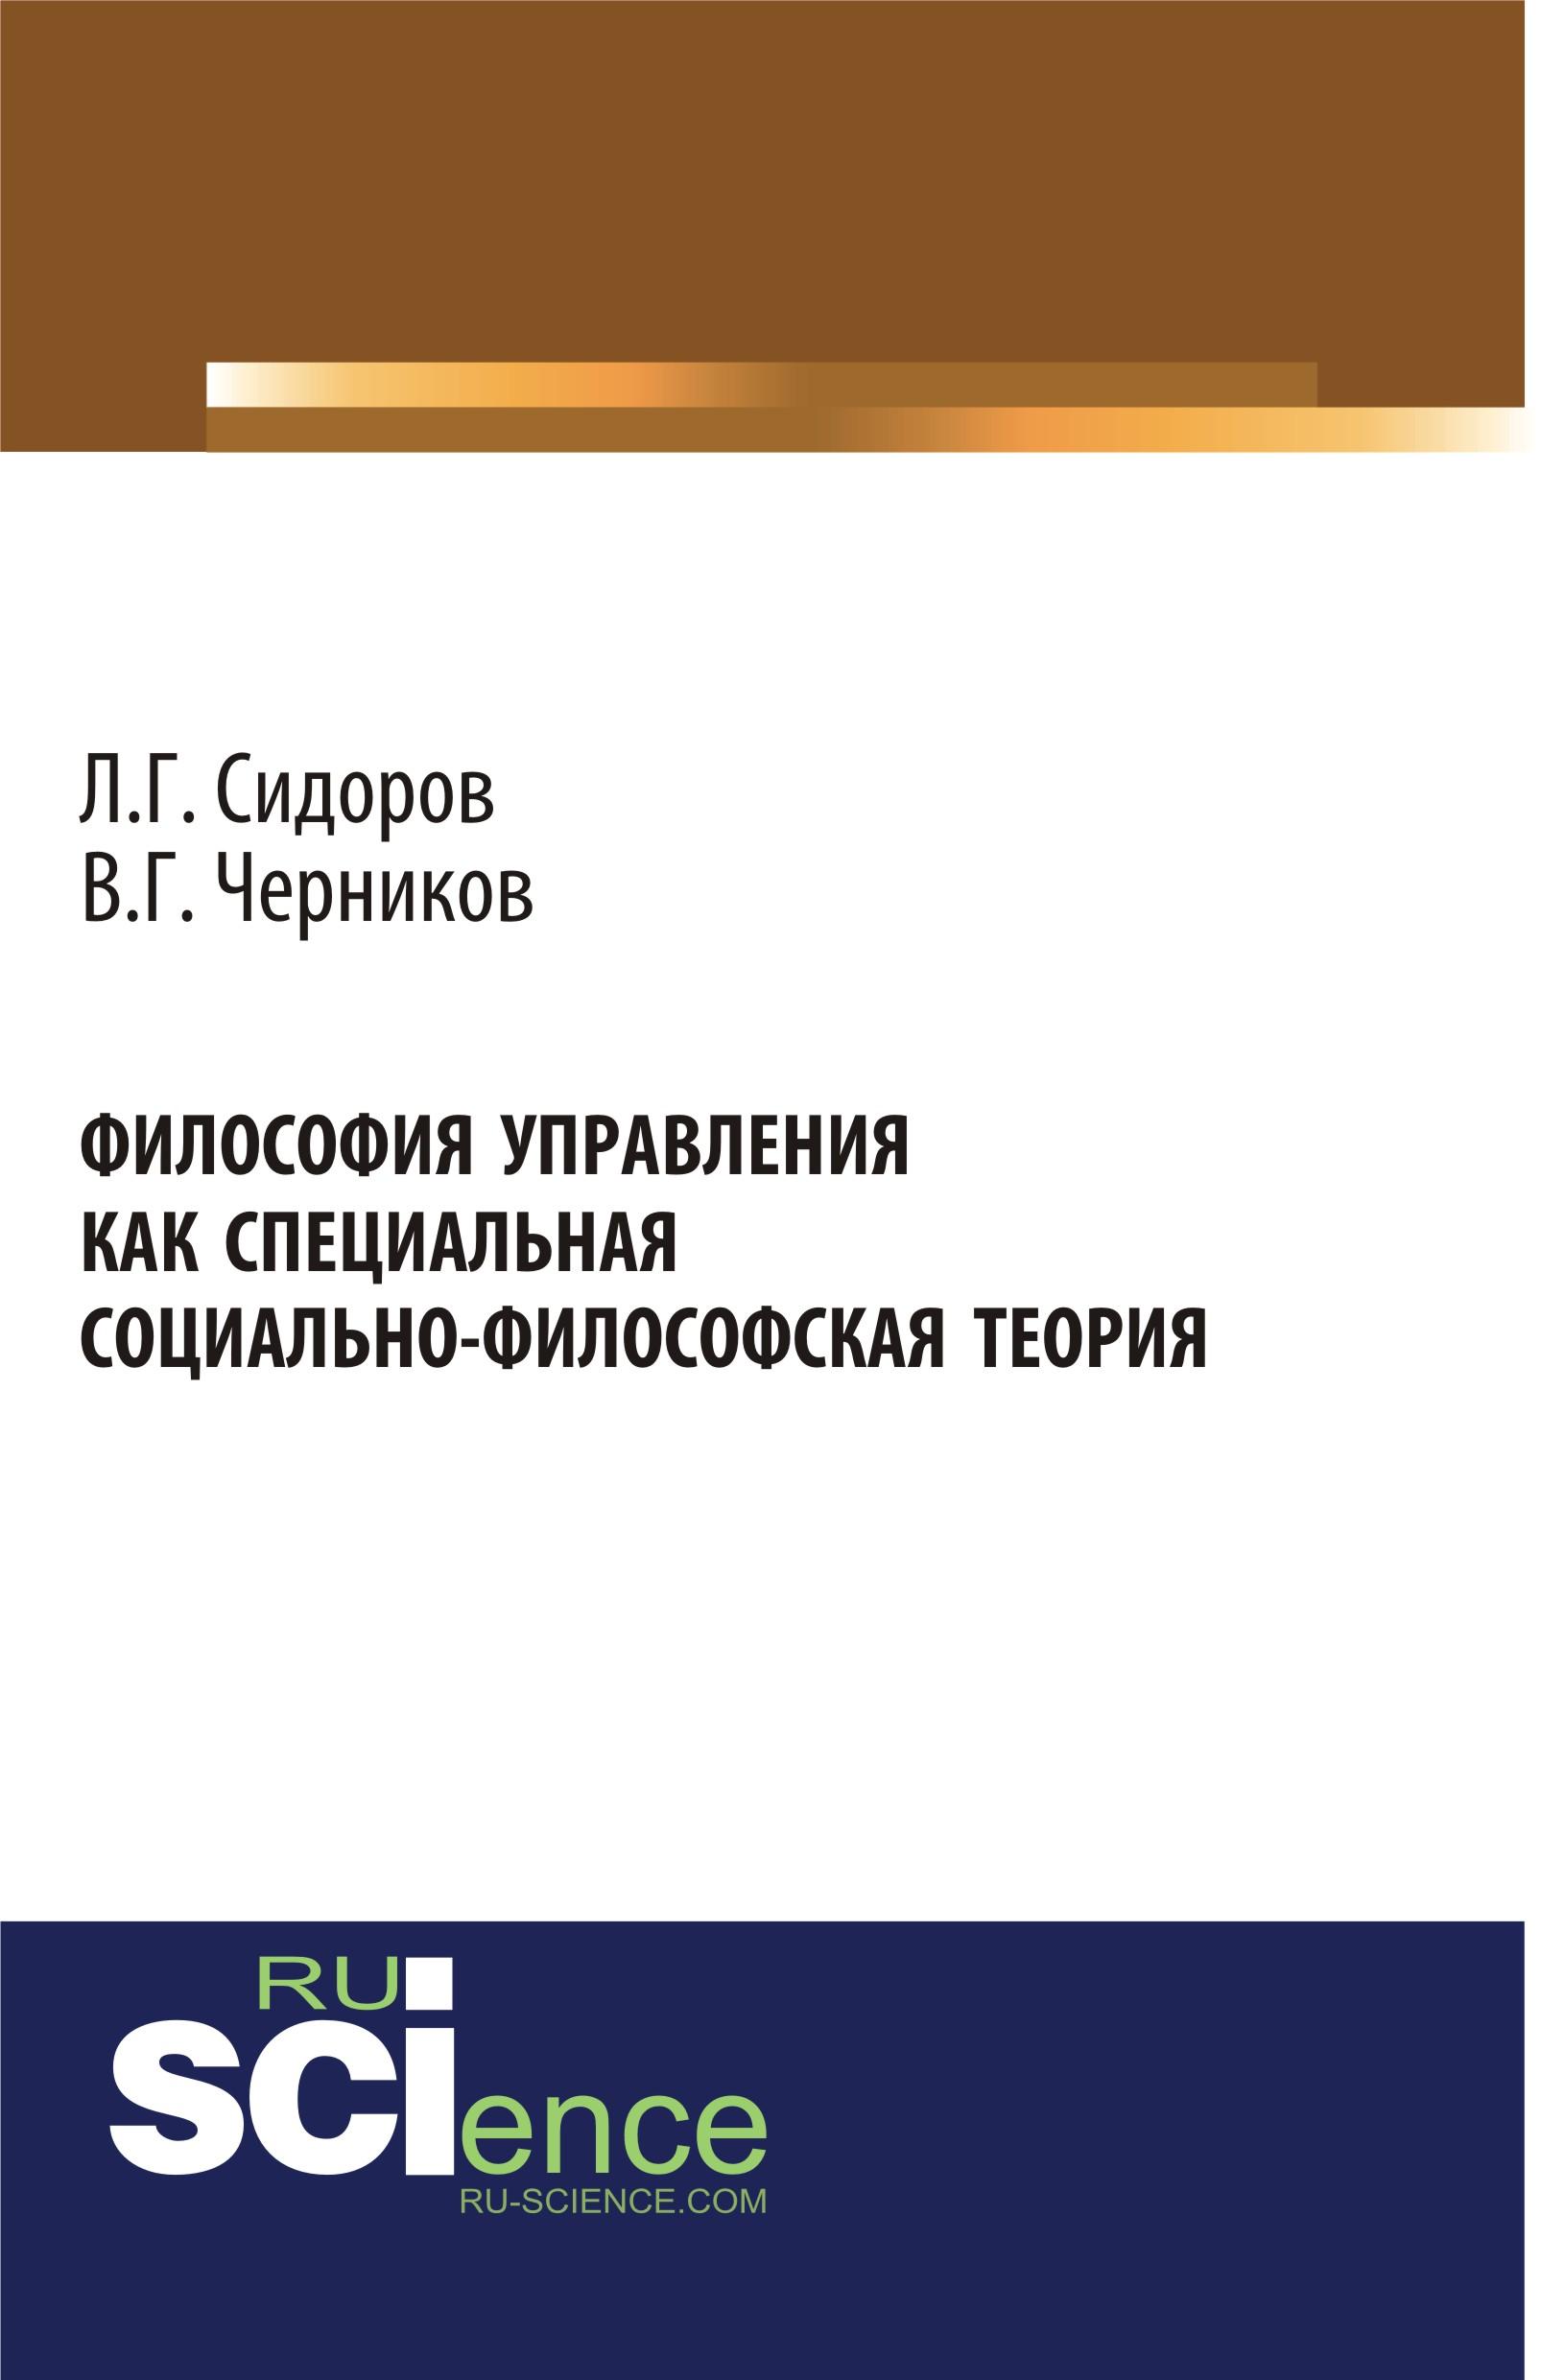 Философия управления как специальная социально-философская теория